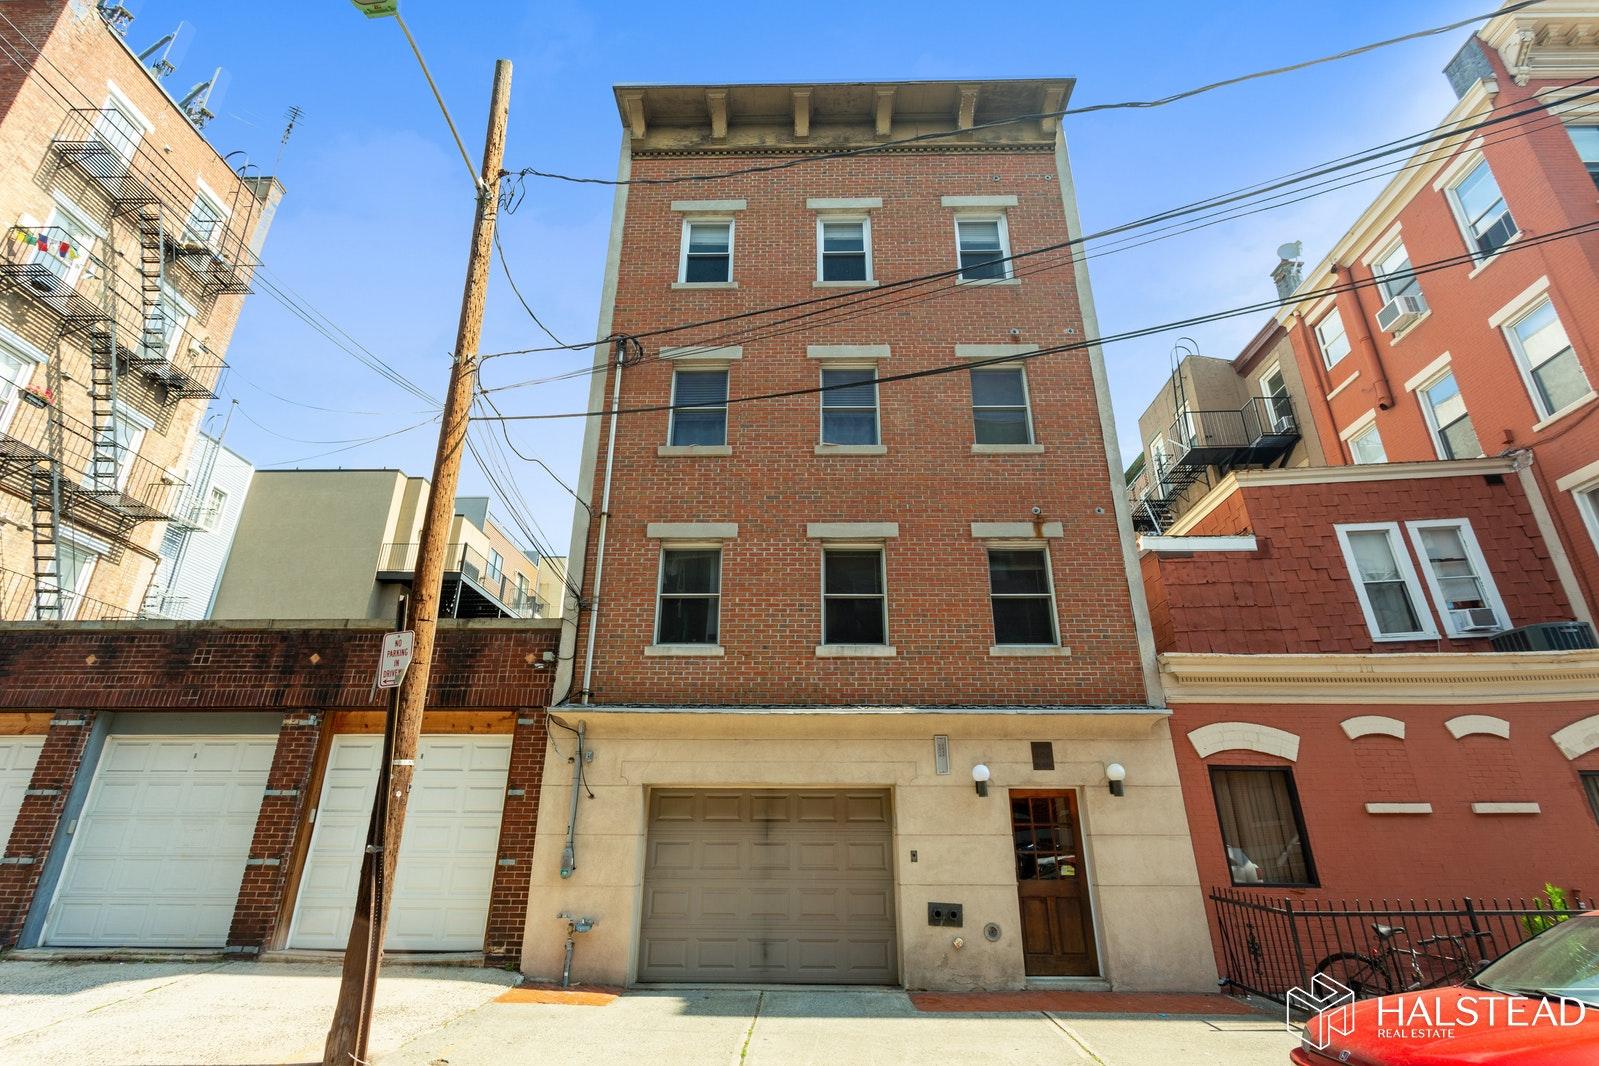 406 4TH STREET 1, Hoboken, $395,000, Web #: 20206539